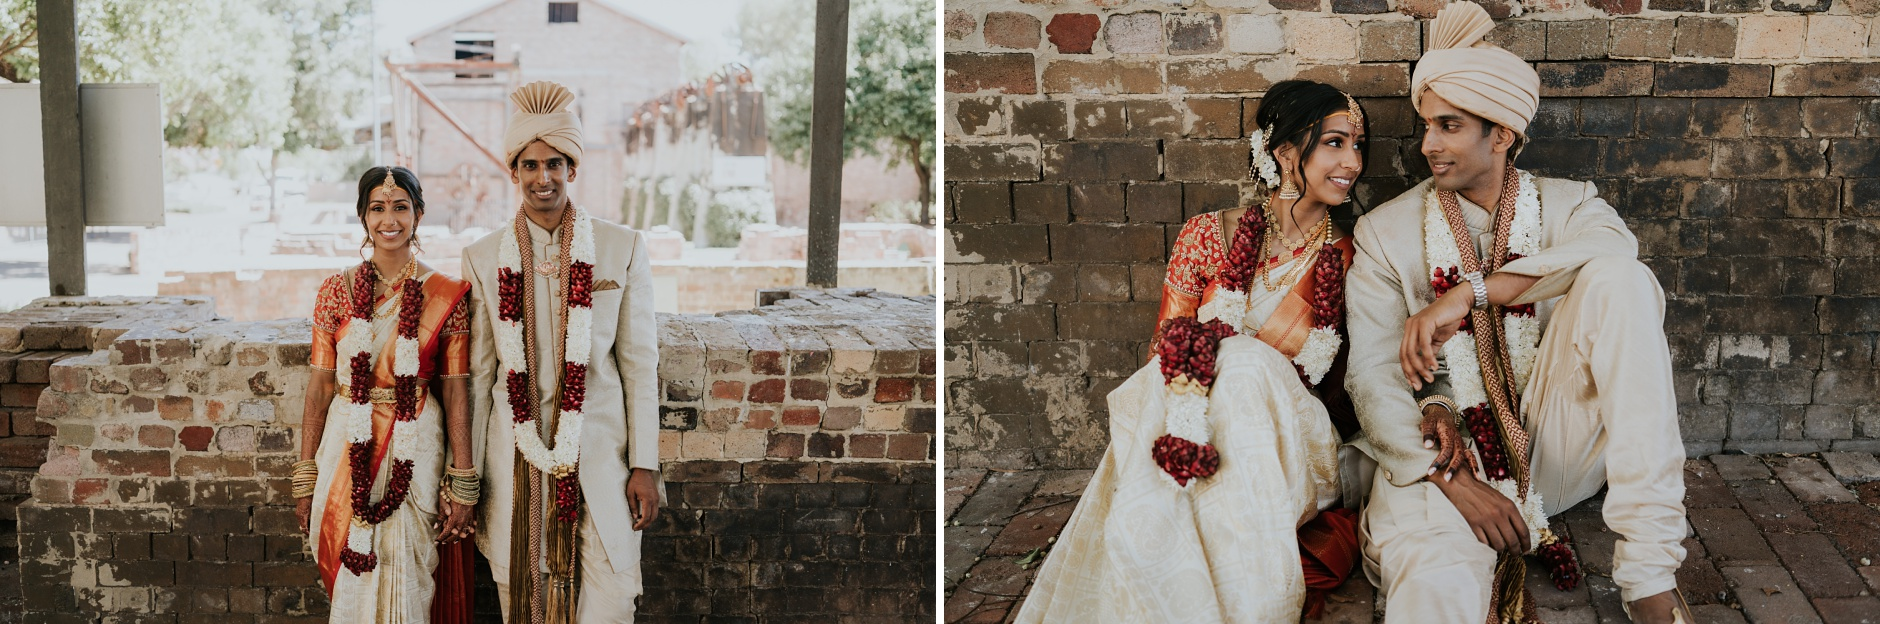 brahman&priyanka1331a_Byron-Bay-Wedding.jpg